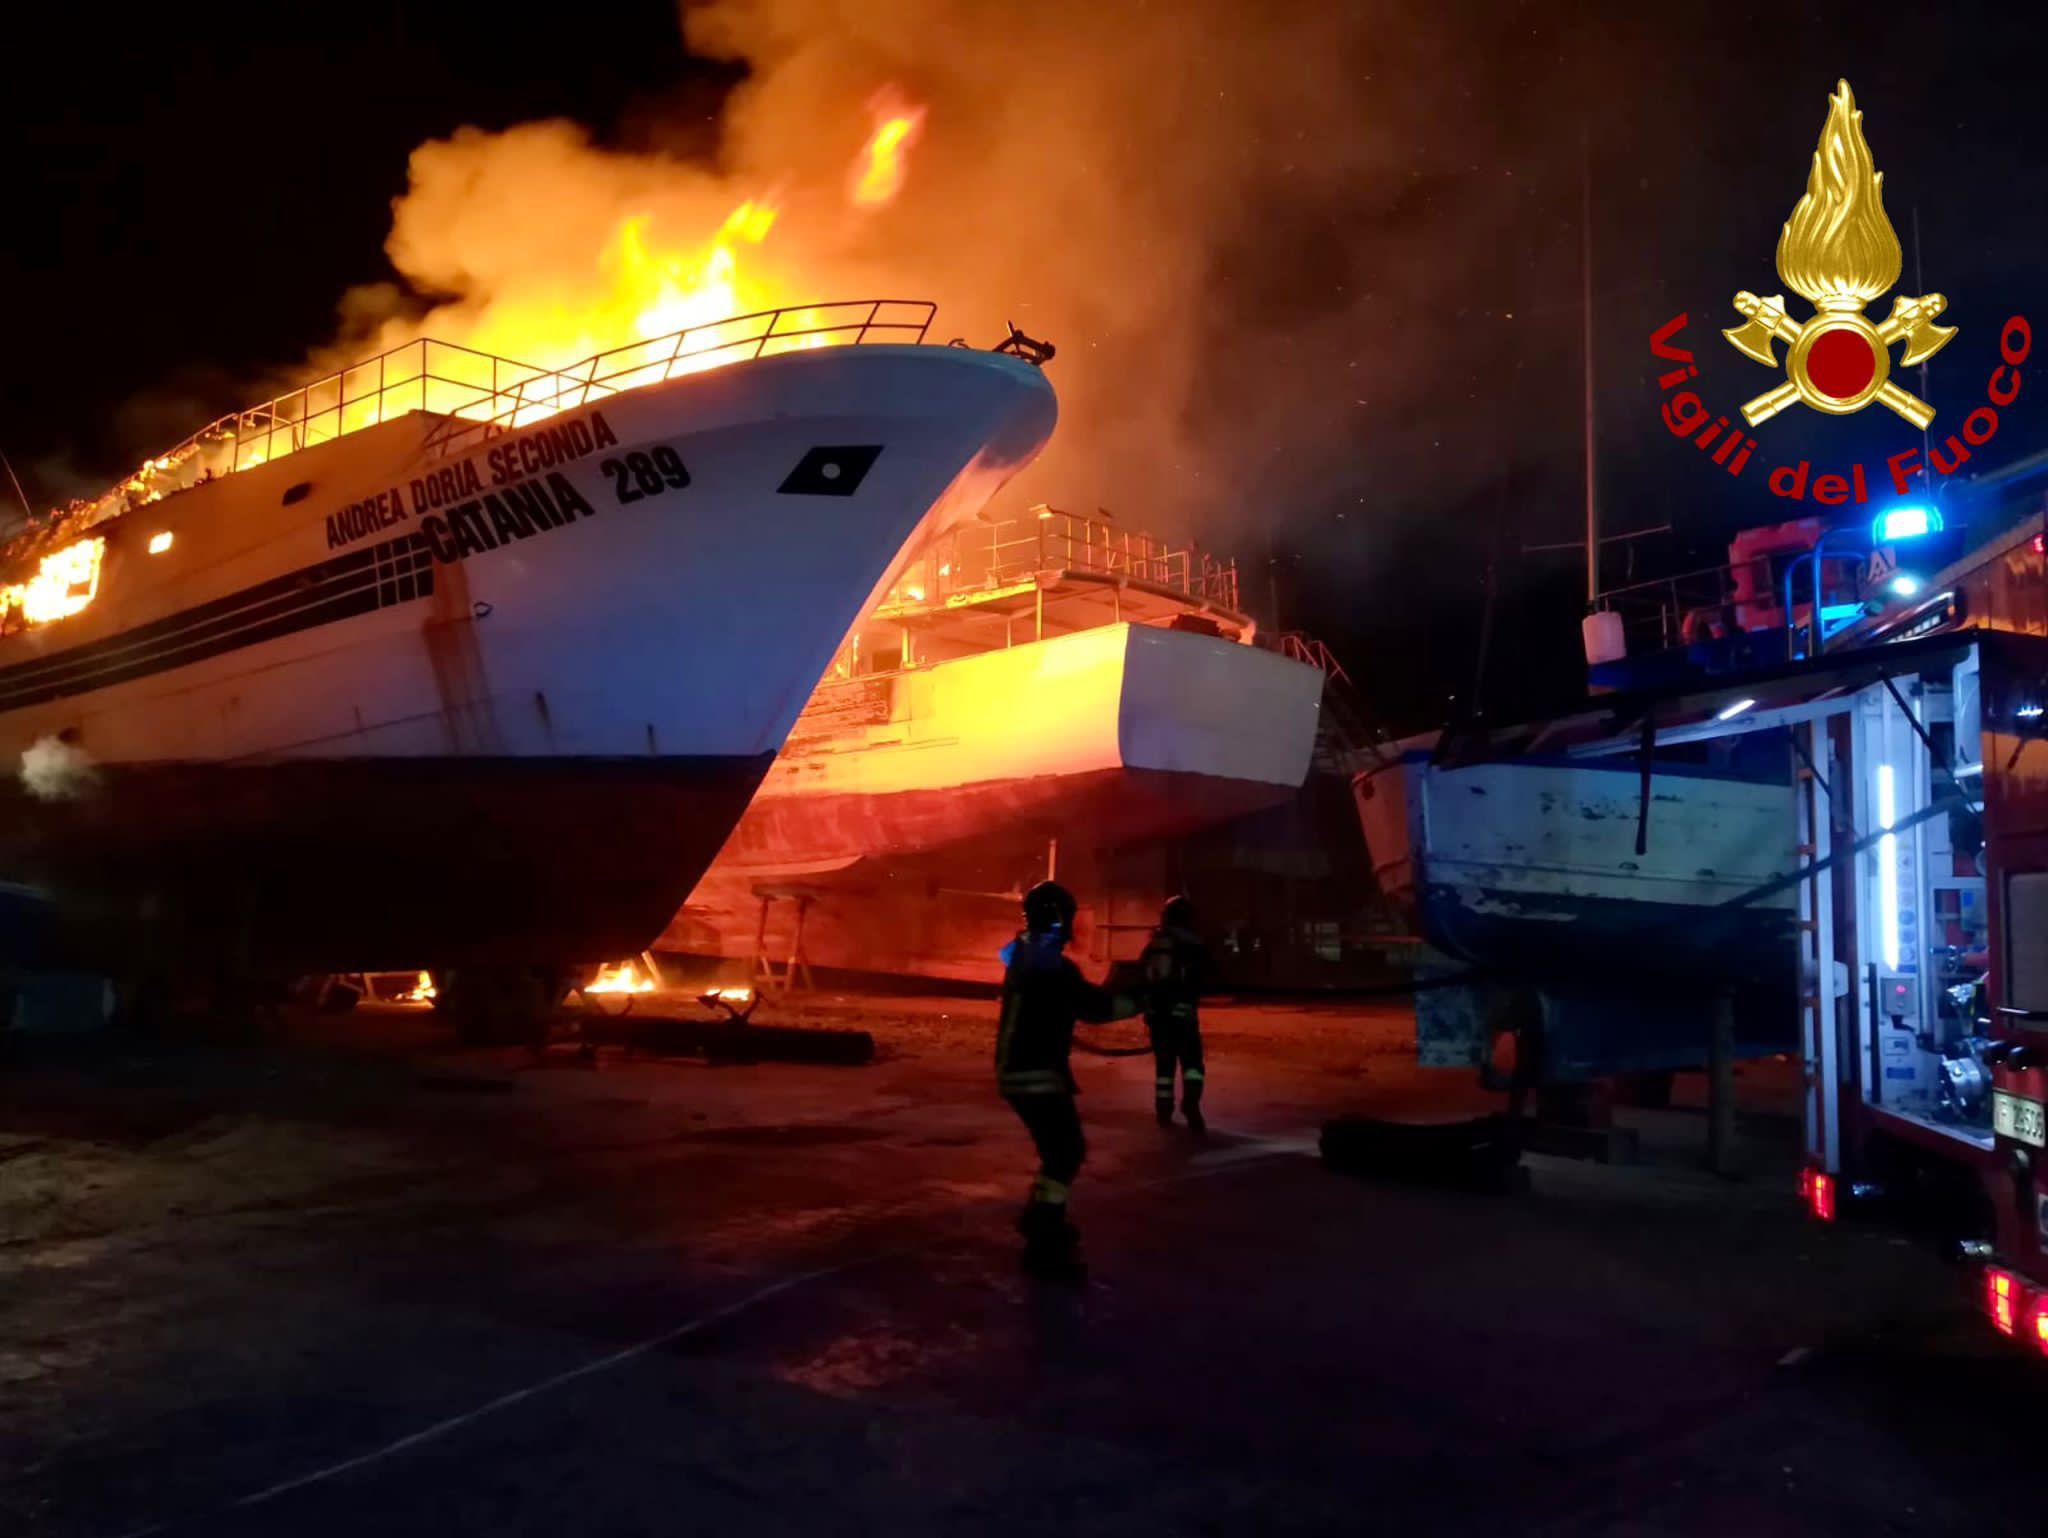 Incendio in un cantiere navale di Portopalo di Capo Passero, aperta un'inchiesta  - Giornale di Sicilia